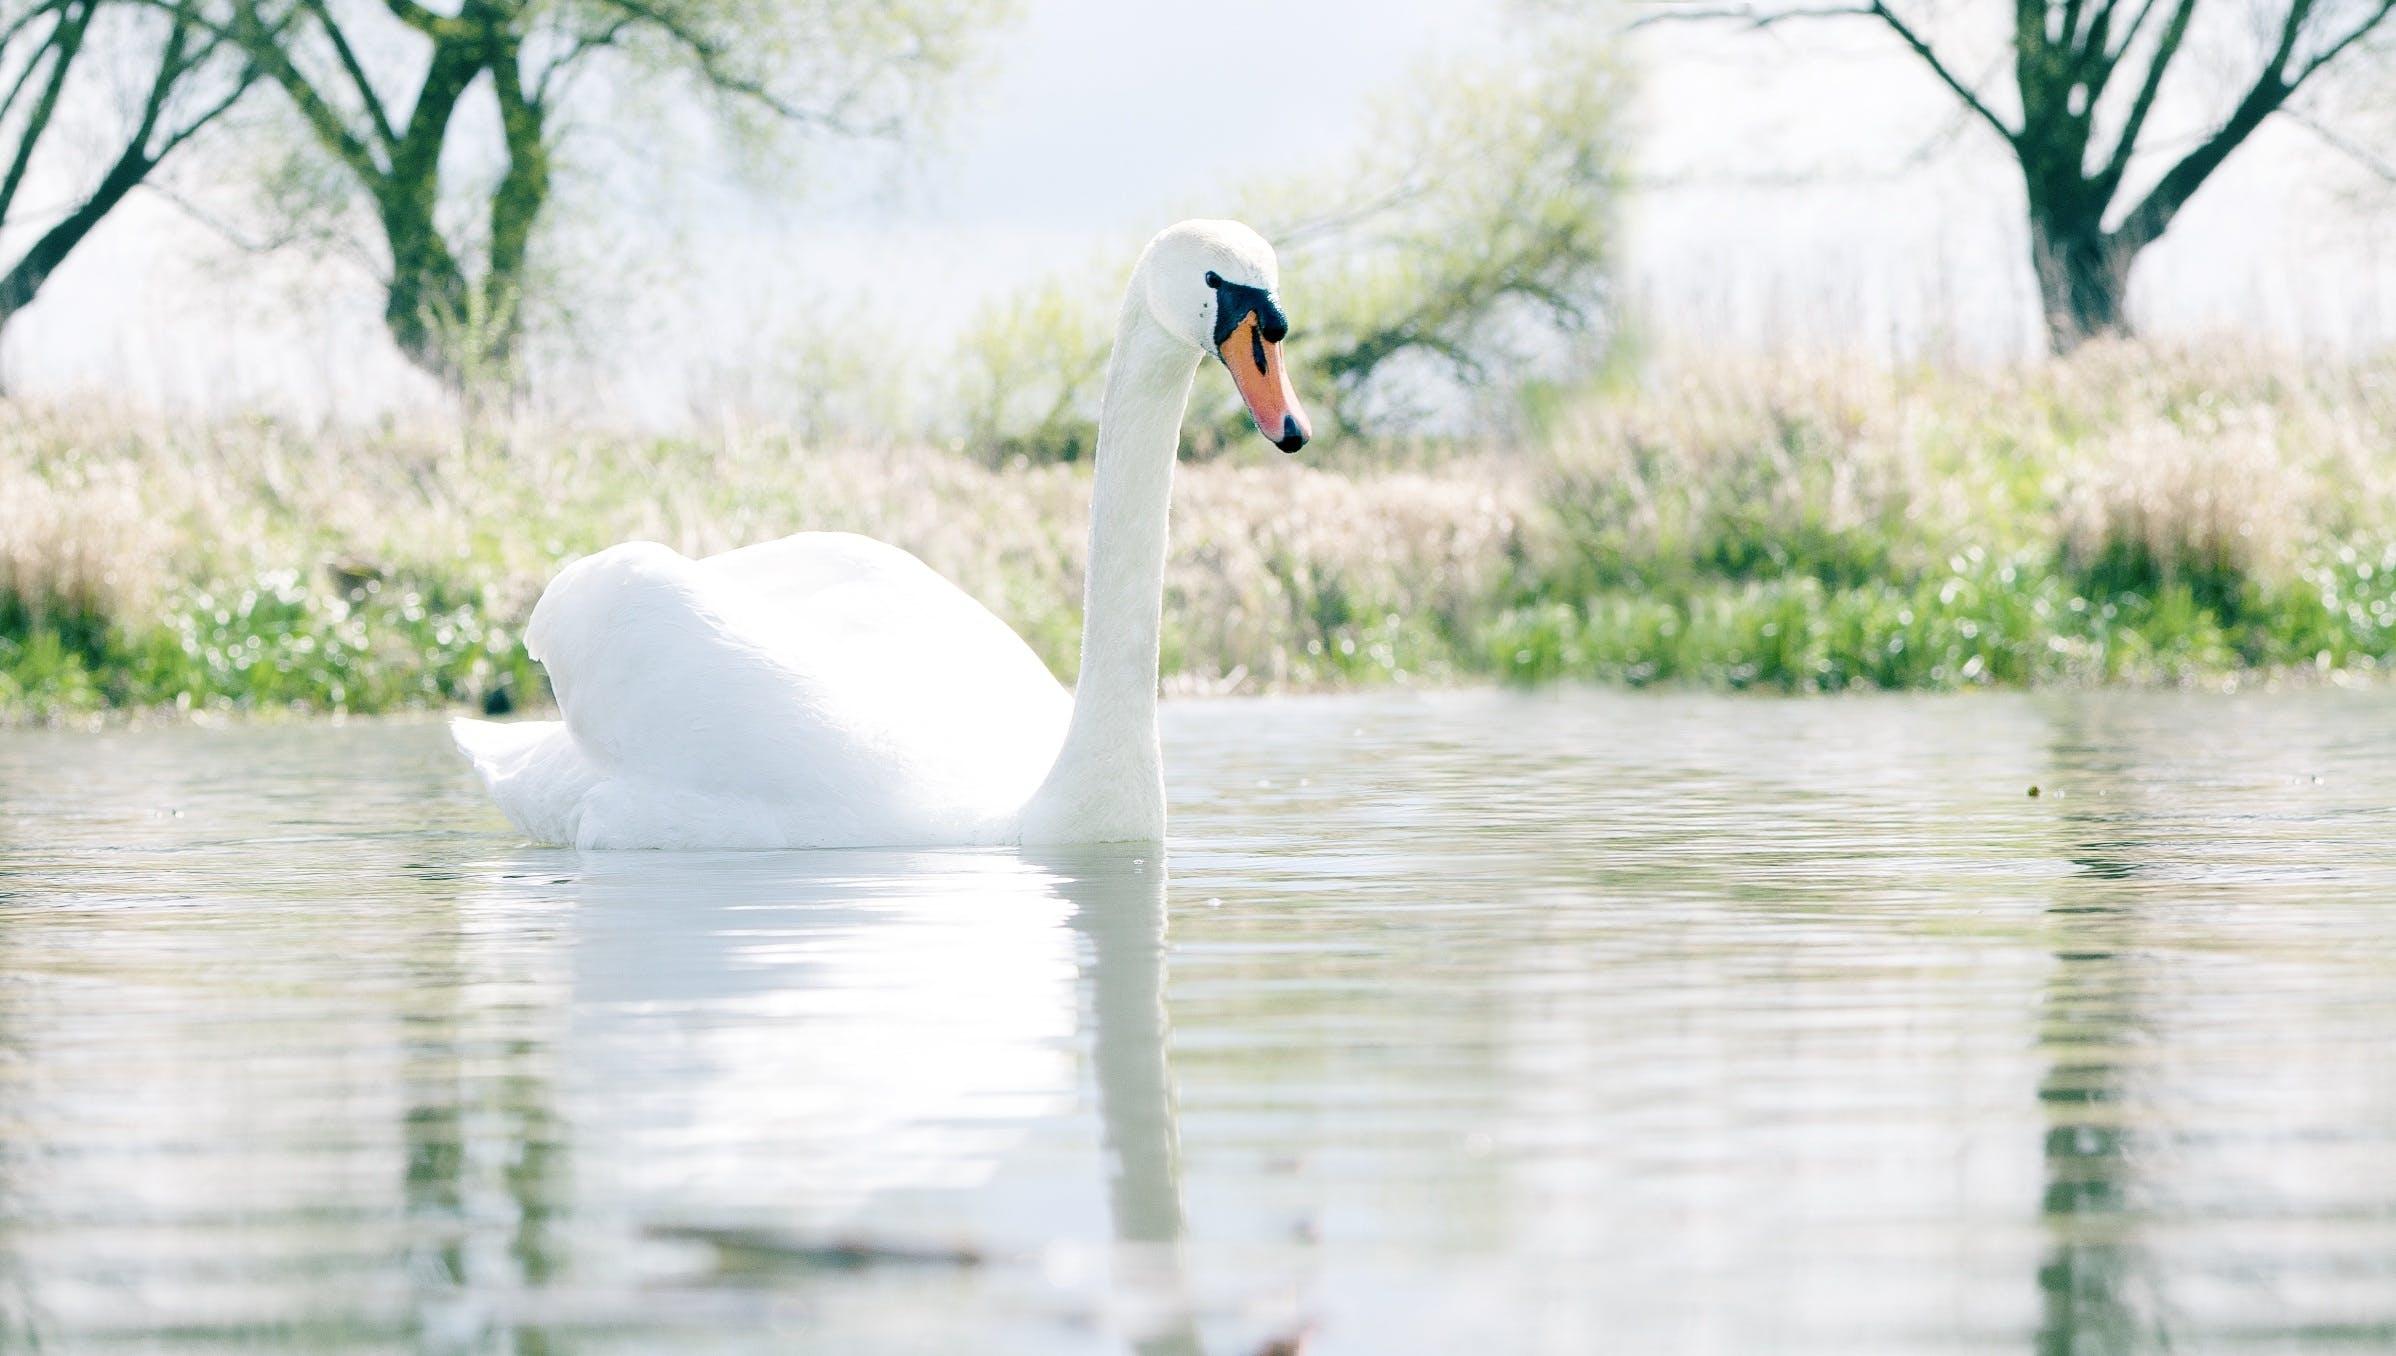 Swan in Body of Water